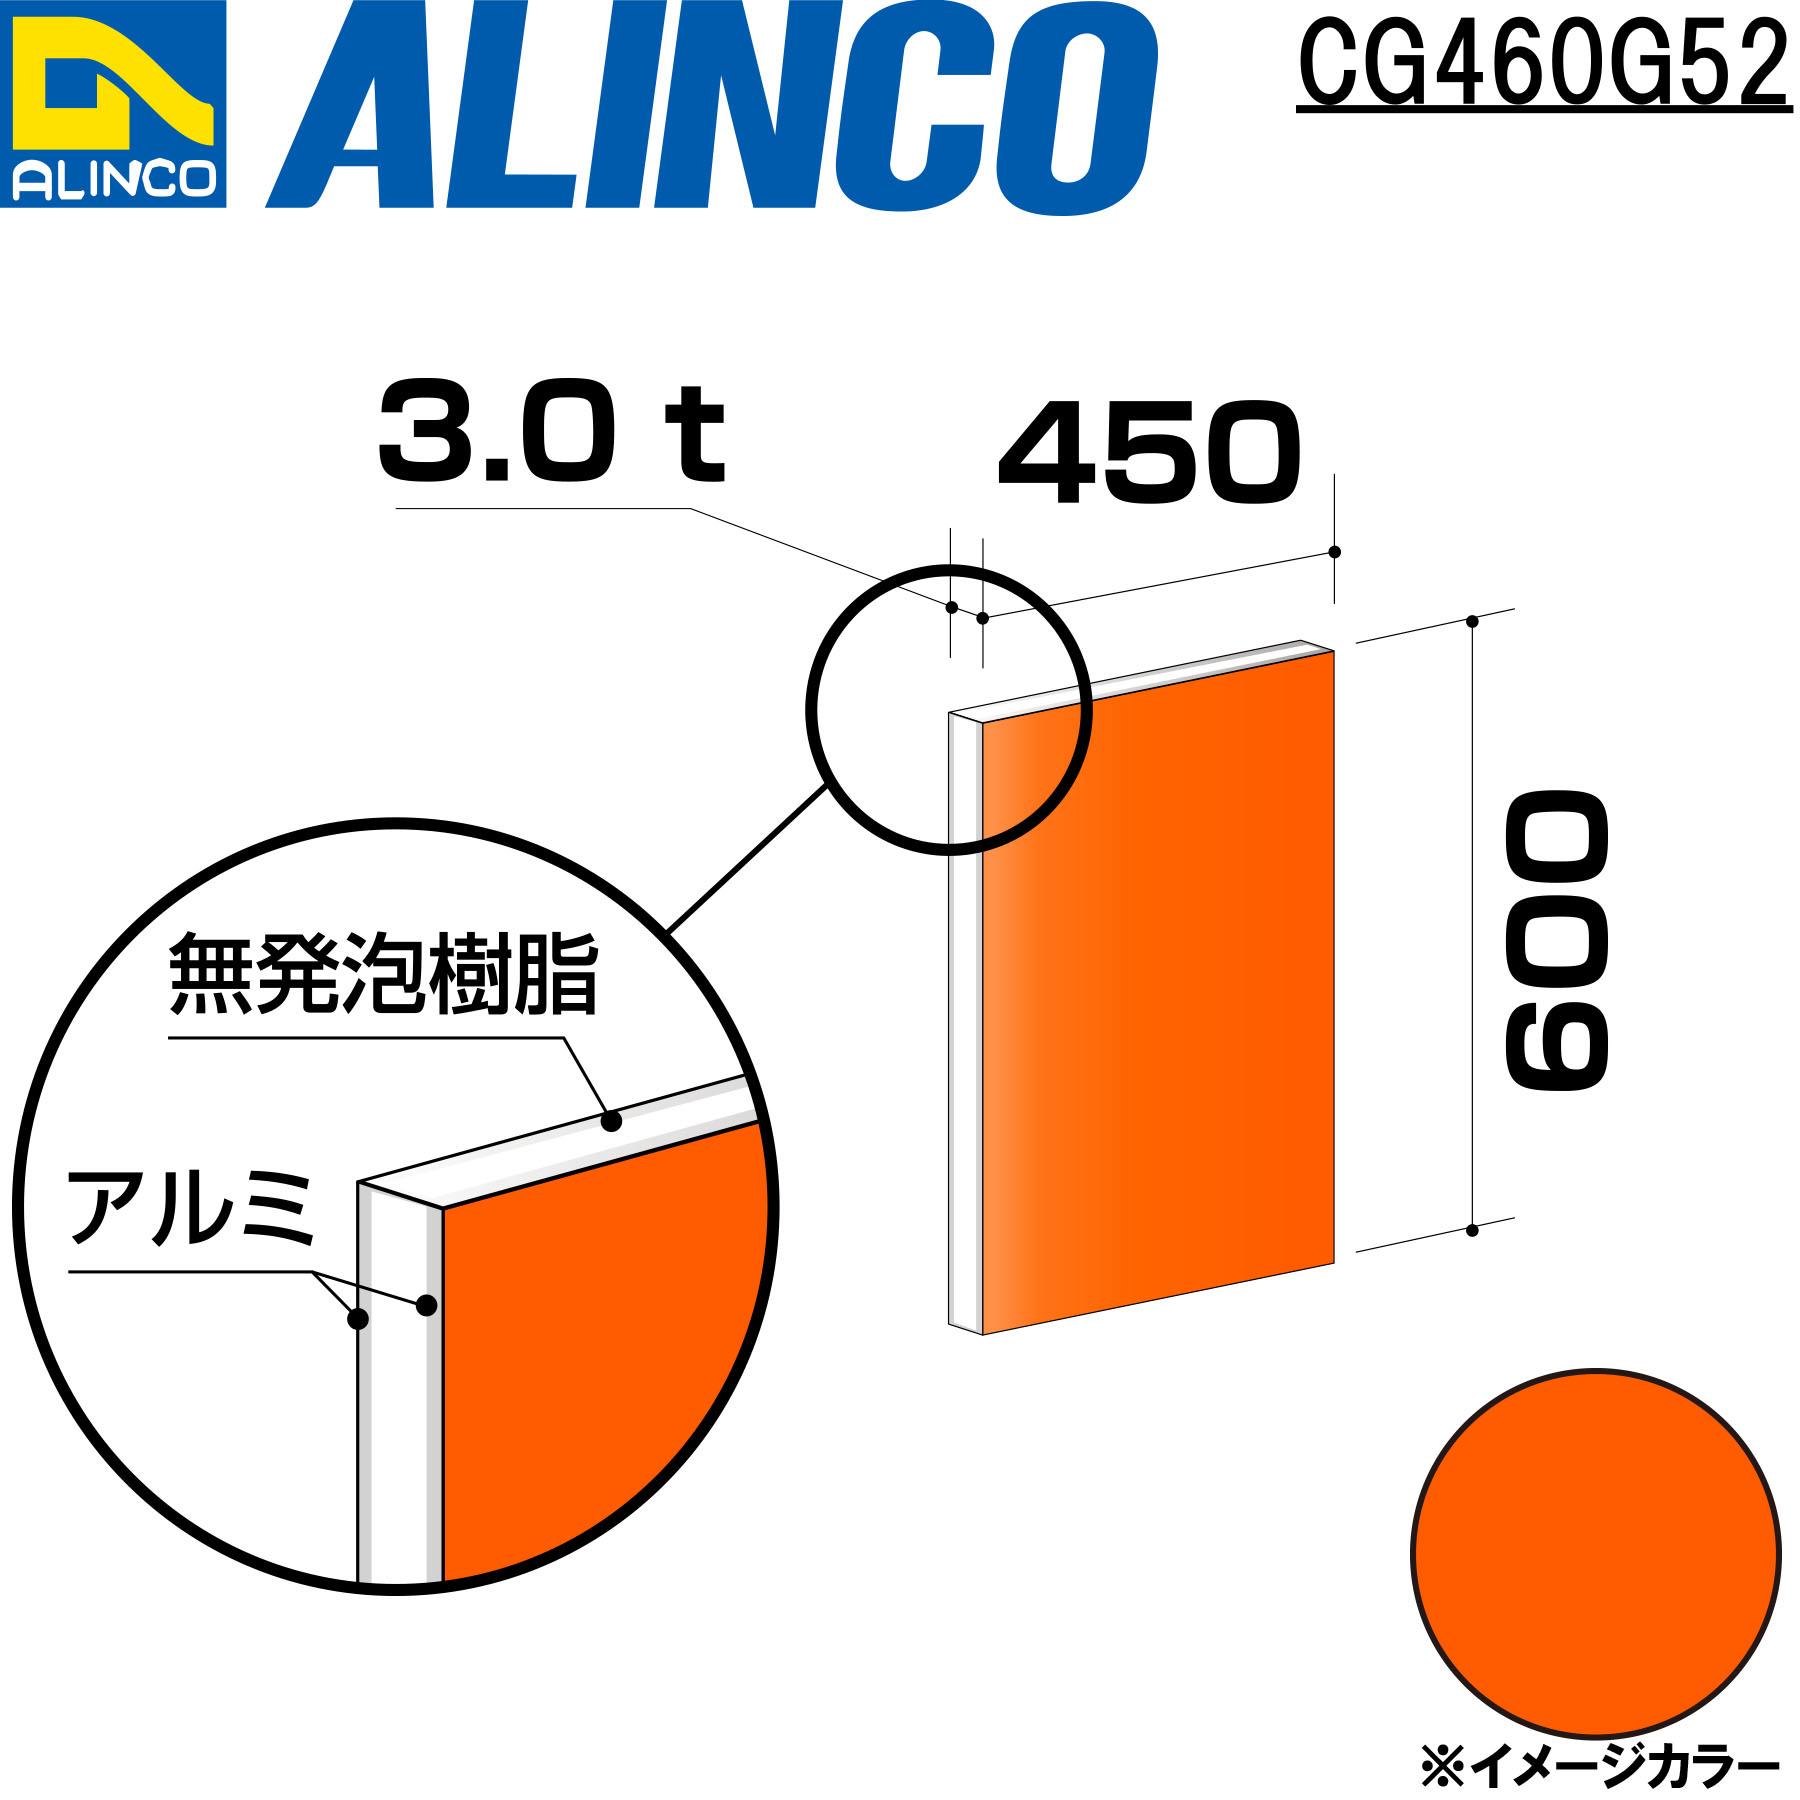 CG460G52